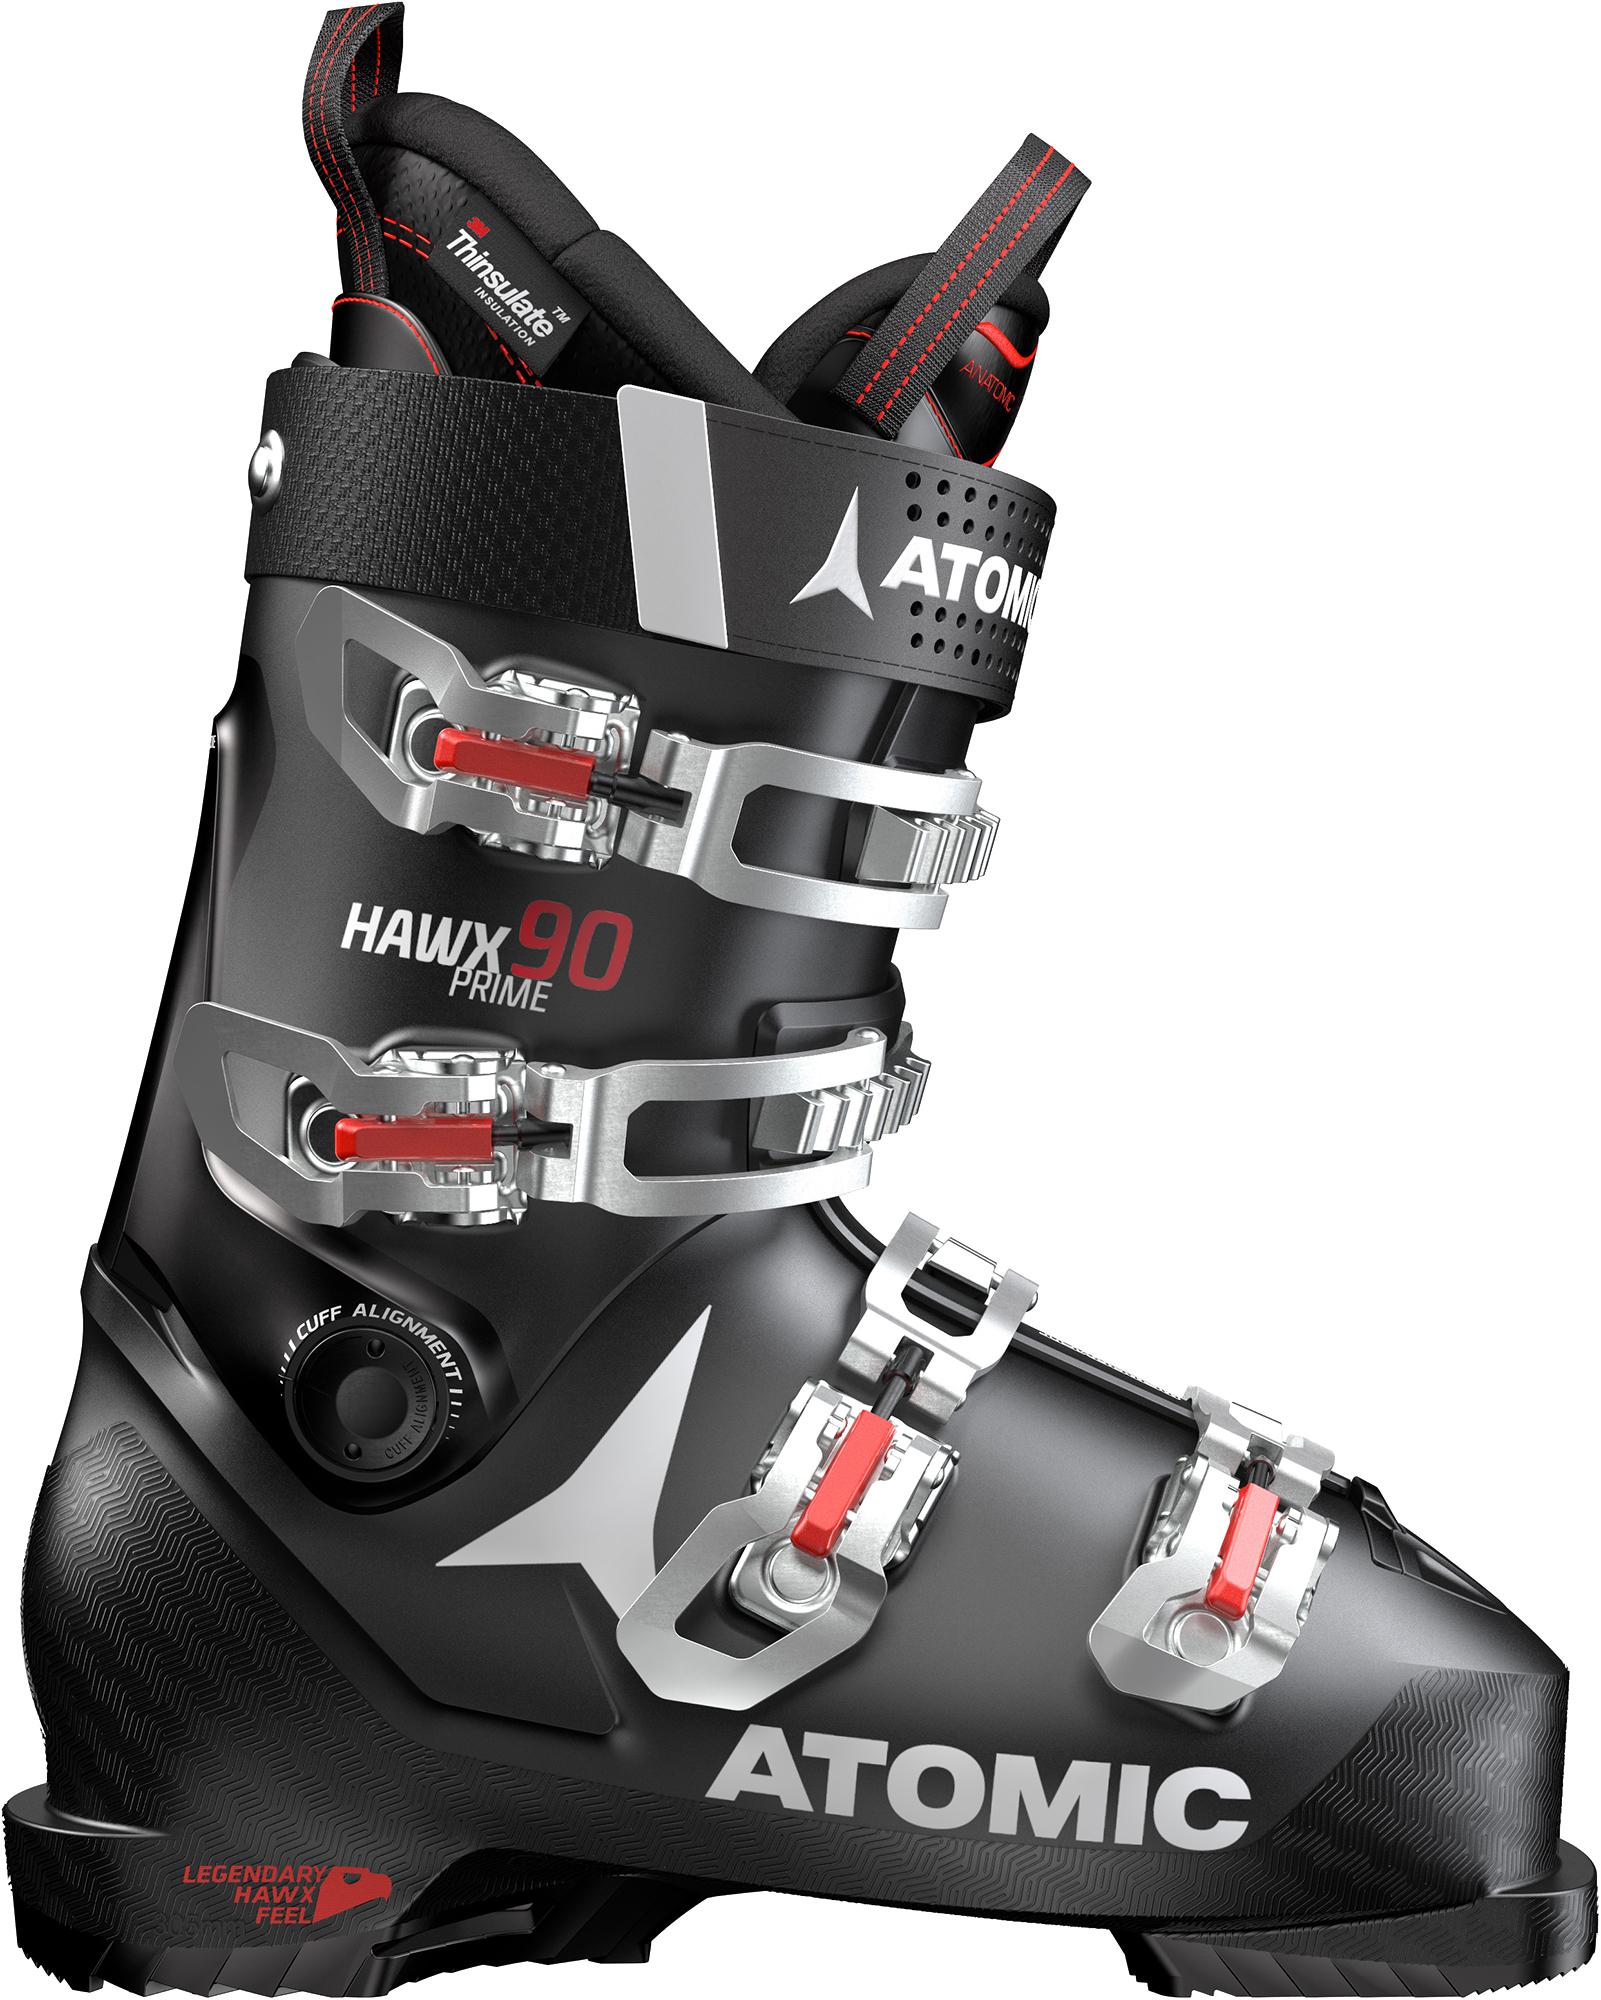 лучшая цена Atomic Ботинки горнолыжные Atomic Hawx Prime 90, размер 44